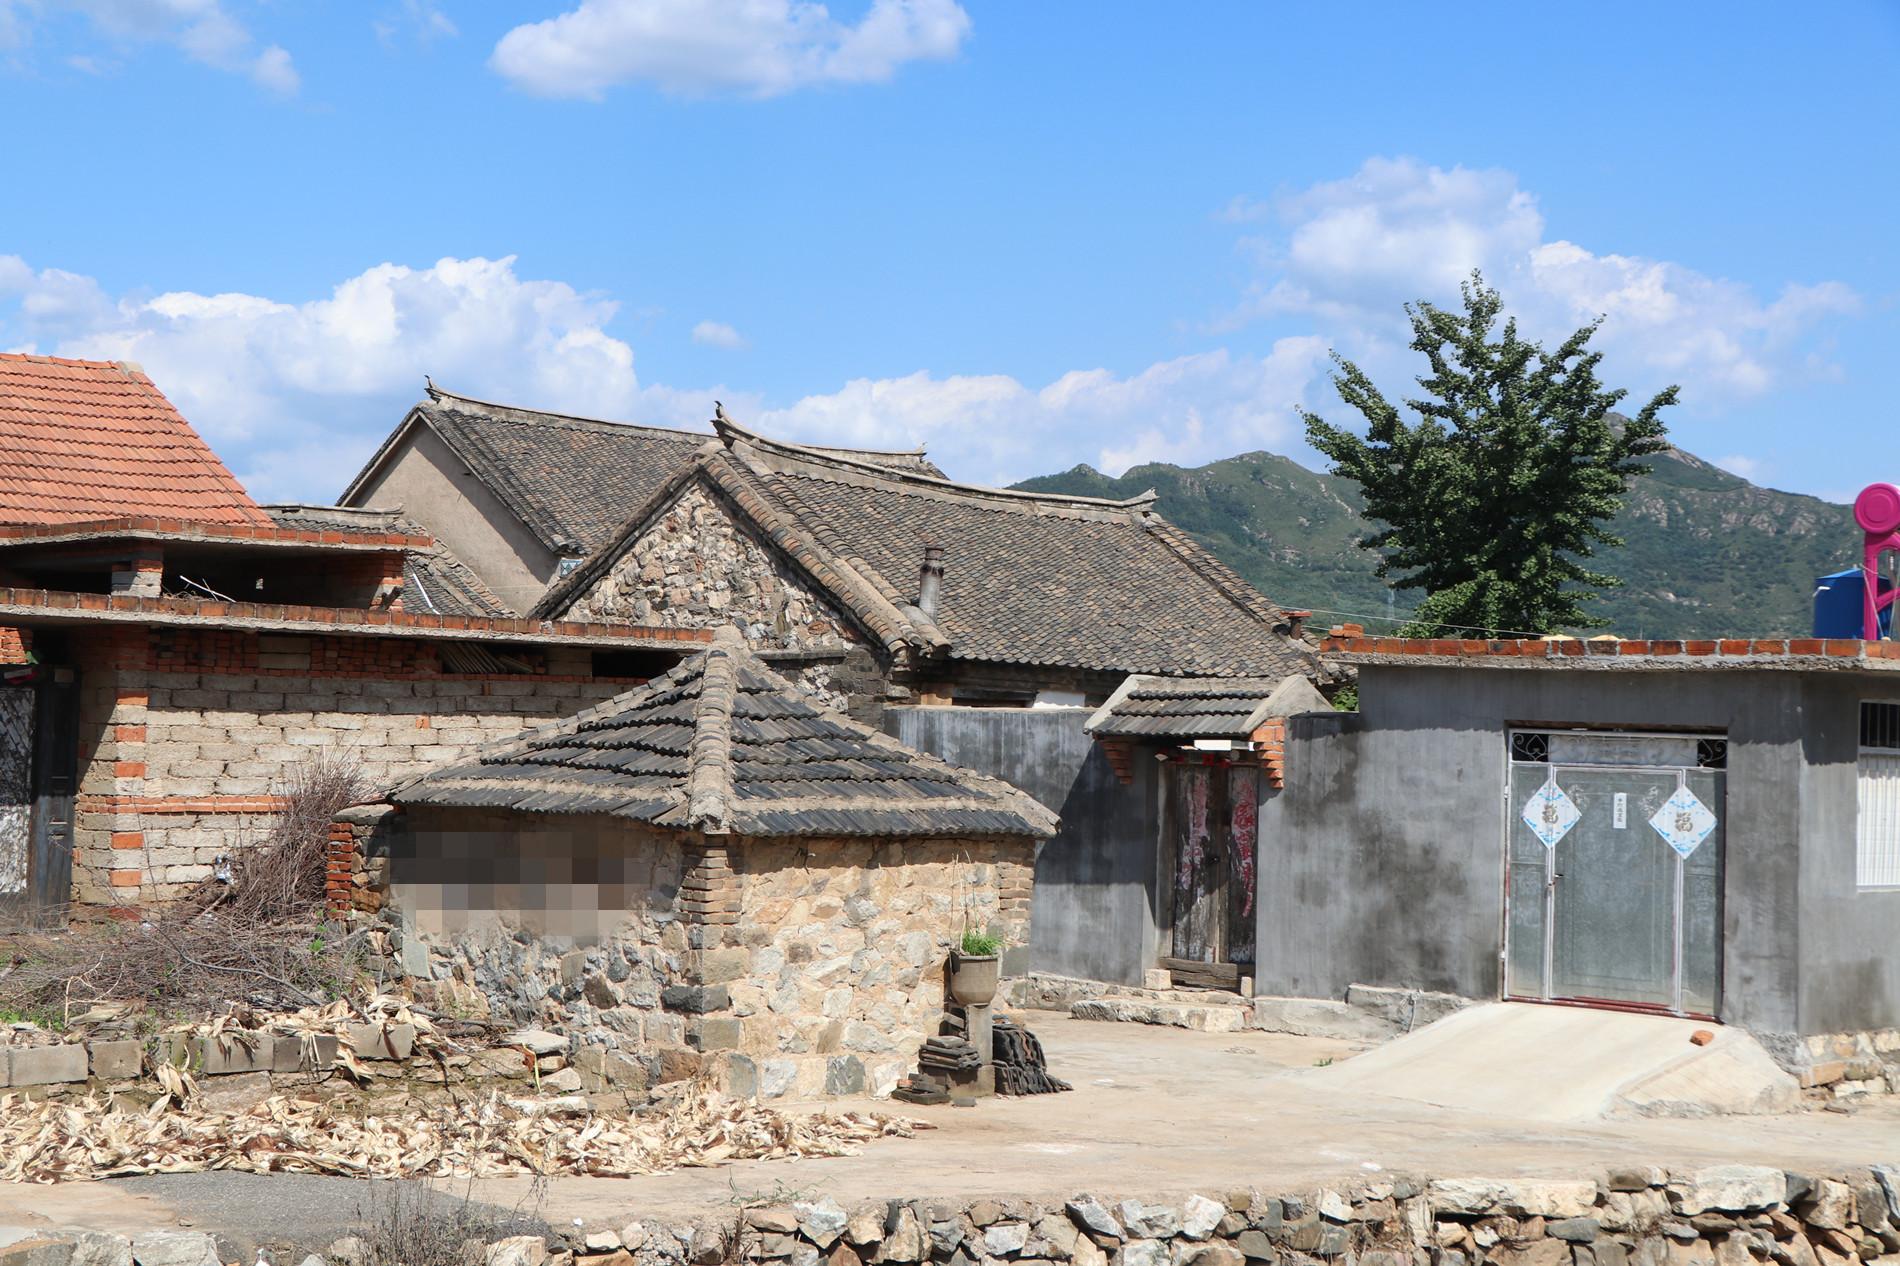 在这个村庄里,保留有不少老房子,看上去很古朴.